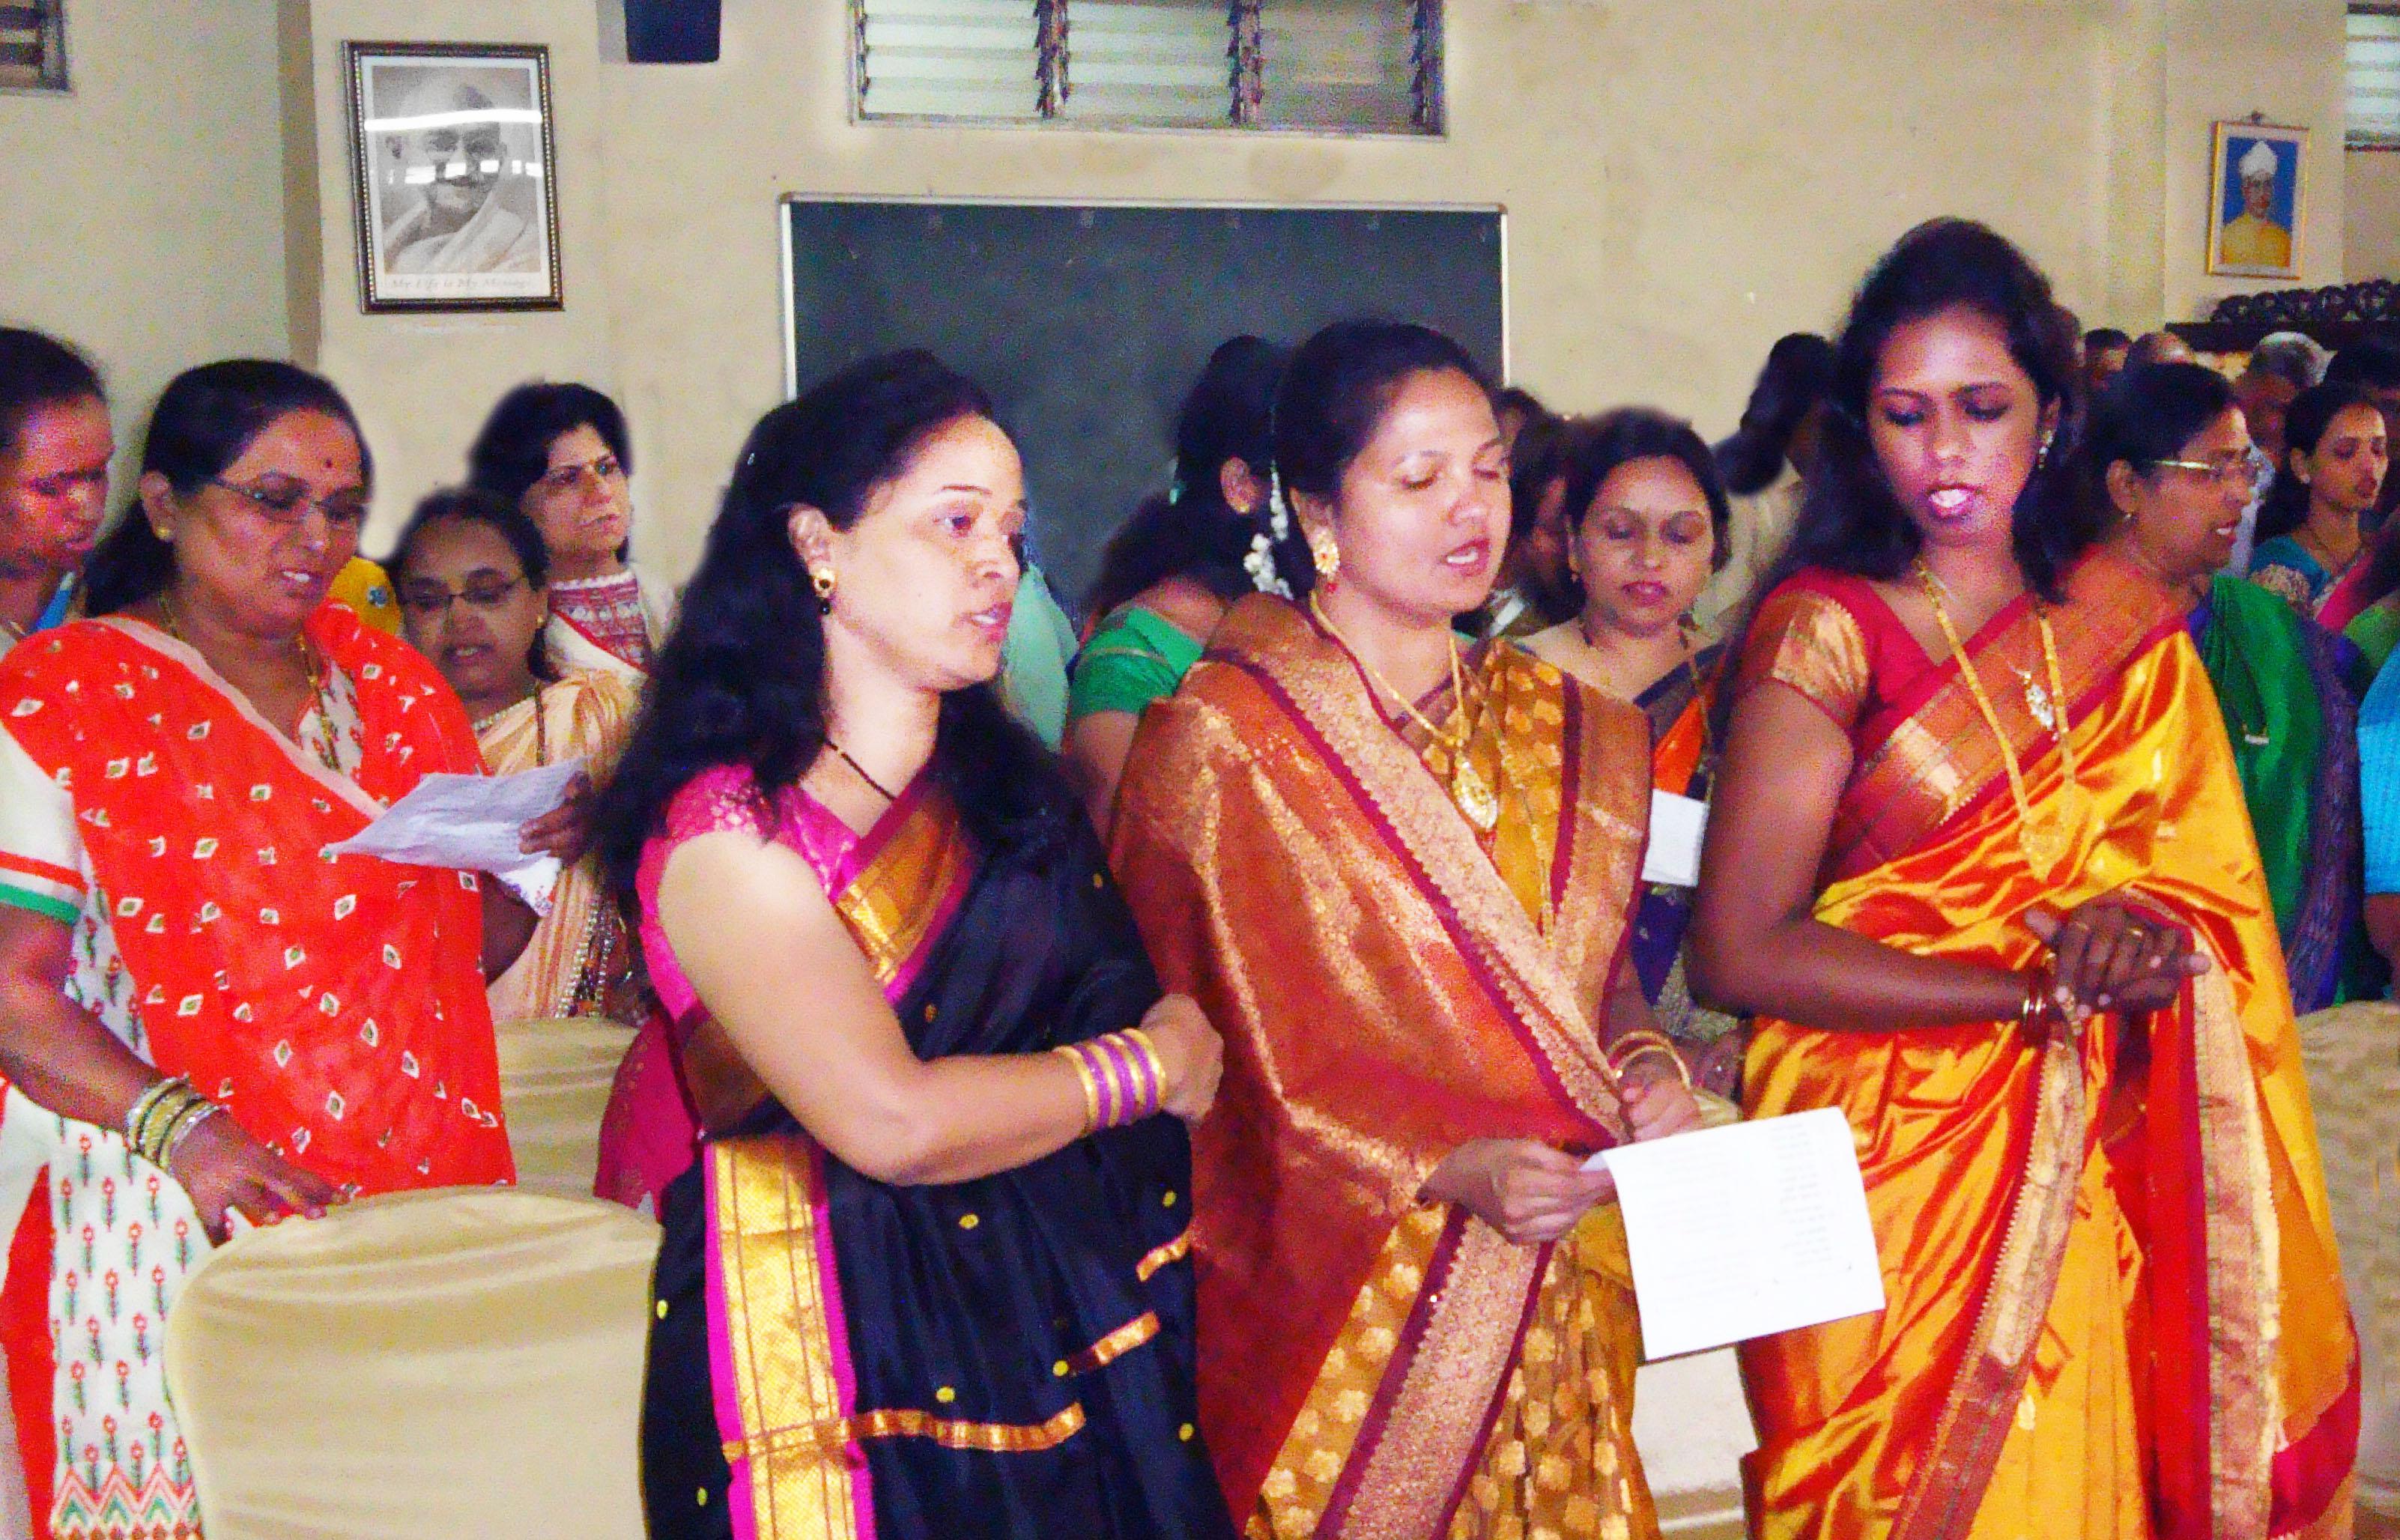 India_Women.jpg